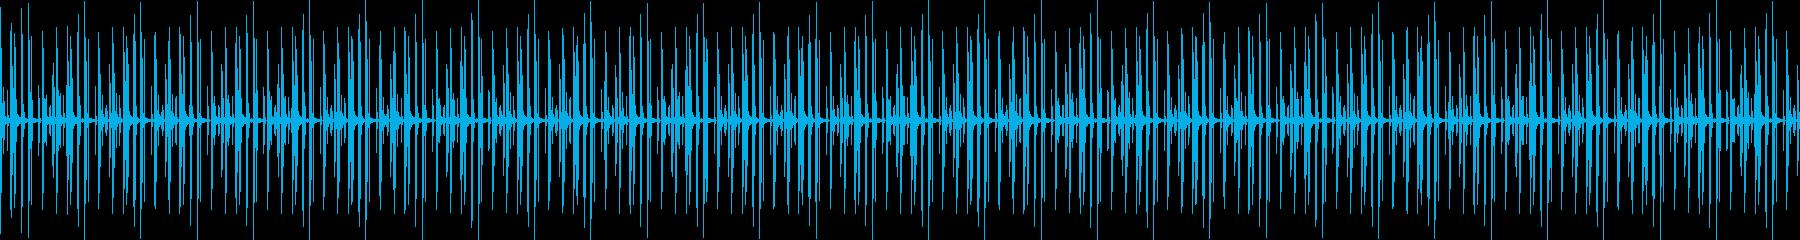 ドラムオンリーのミニマルハウスビートの再生済みの波形